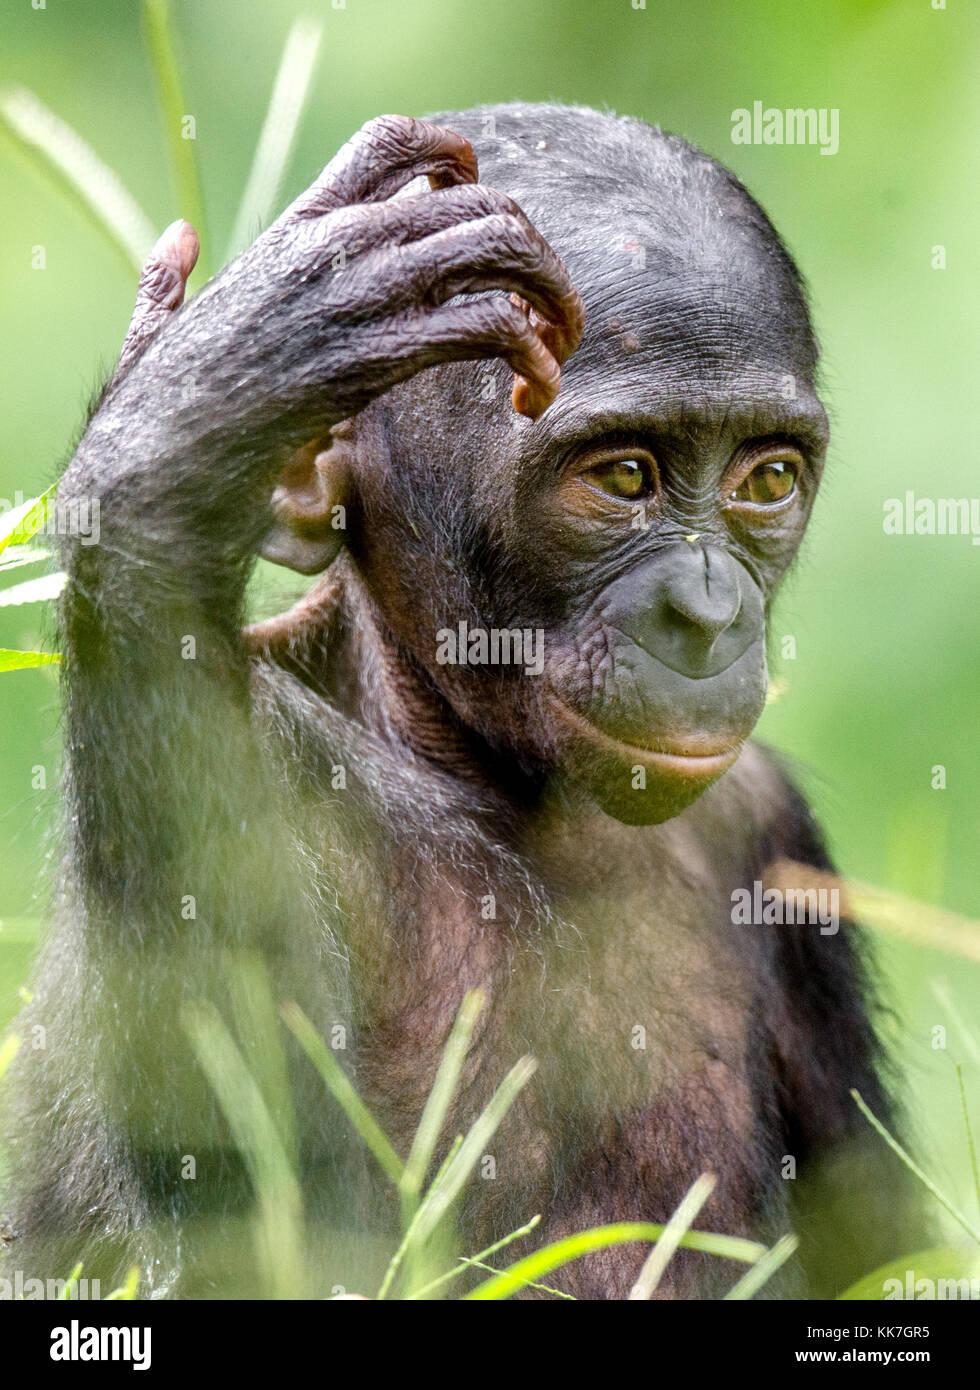 nahaufnahme portrait von bonobo cub in nat rlichen lebensraum gr n natur hintergrund der. Black Bedroom Furniture Sets. Home Design Ideas